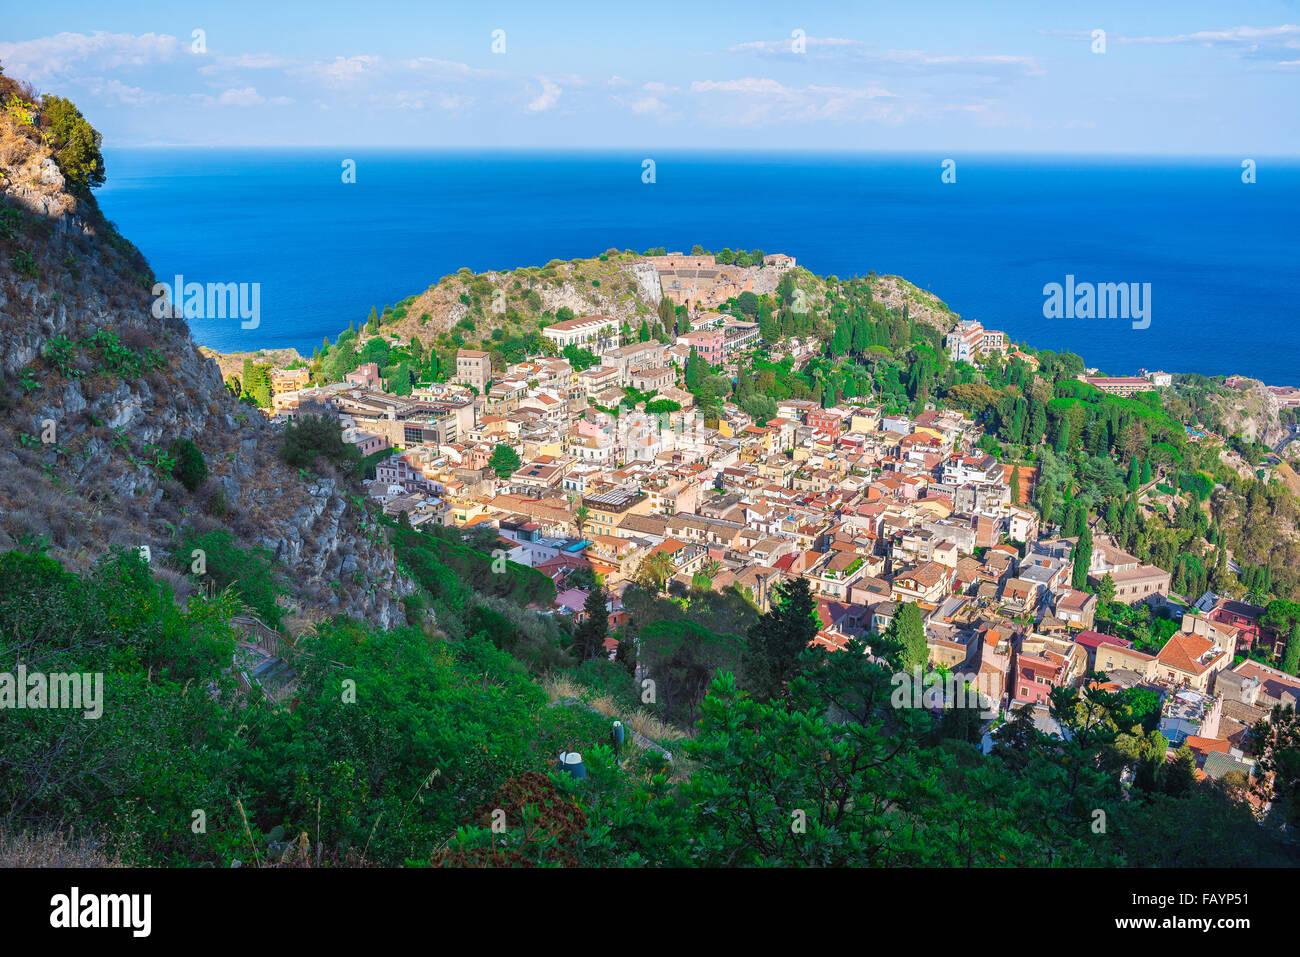 Taormina Sicilia, vista de Taormina y el mar Mediterráneo desde las alturas con vistas a la ciudad, Sicilia. Foto de stock